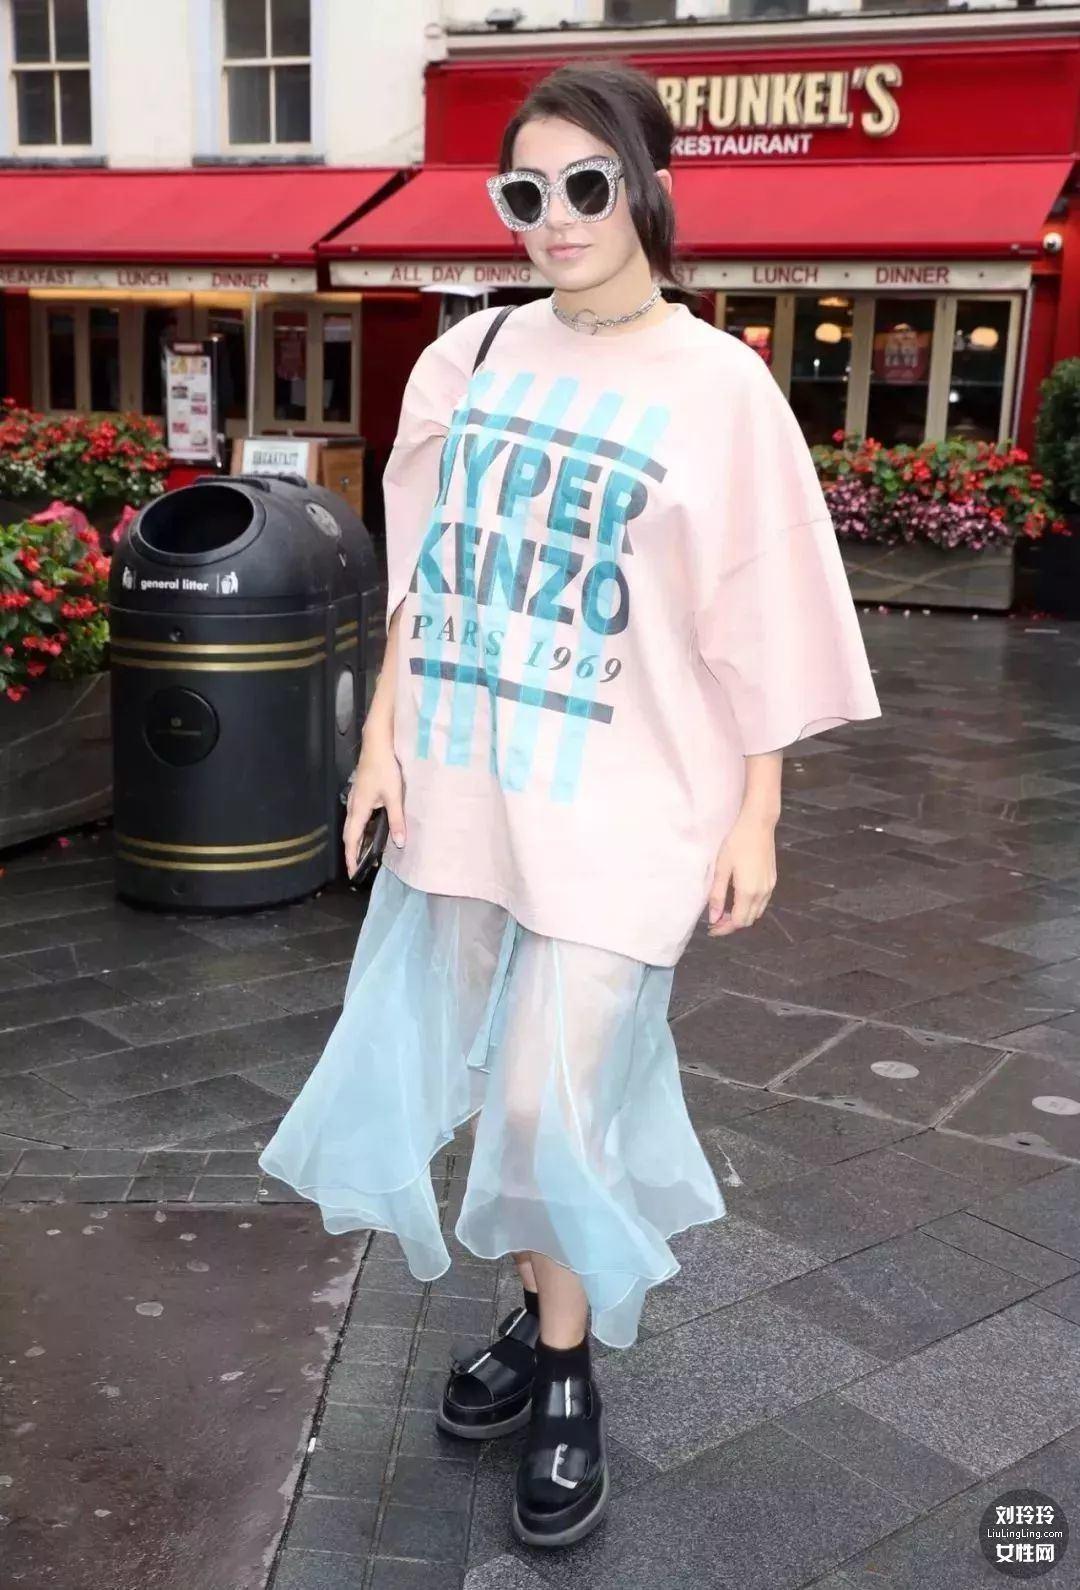 T恤和半裙就搞定整个夏天的美丽!25